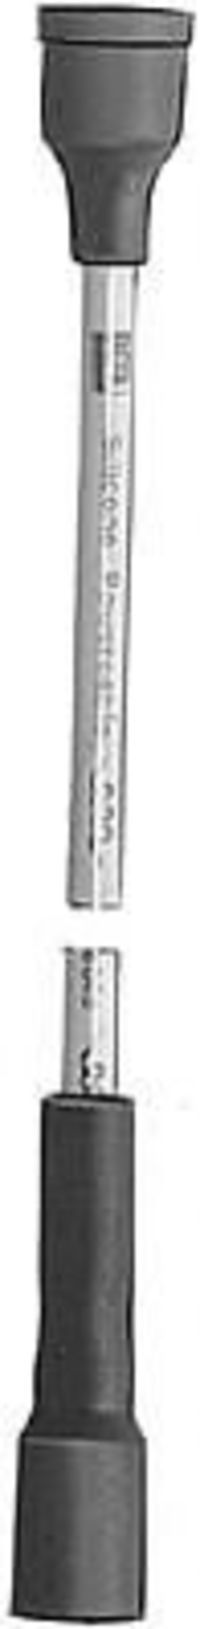 Провод высоковольтный BERU R 3